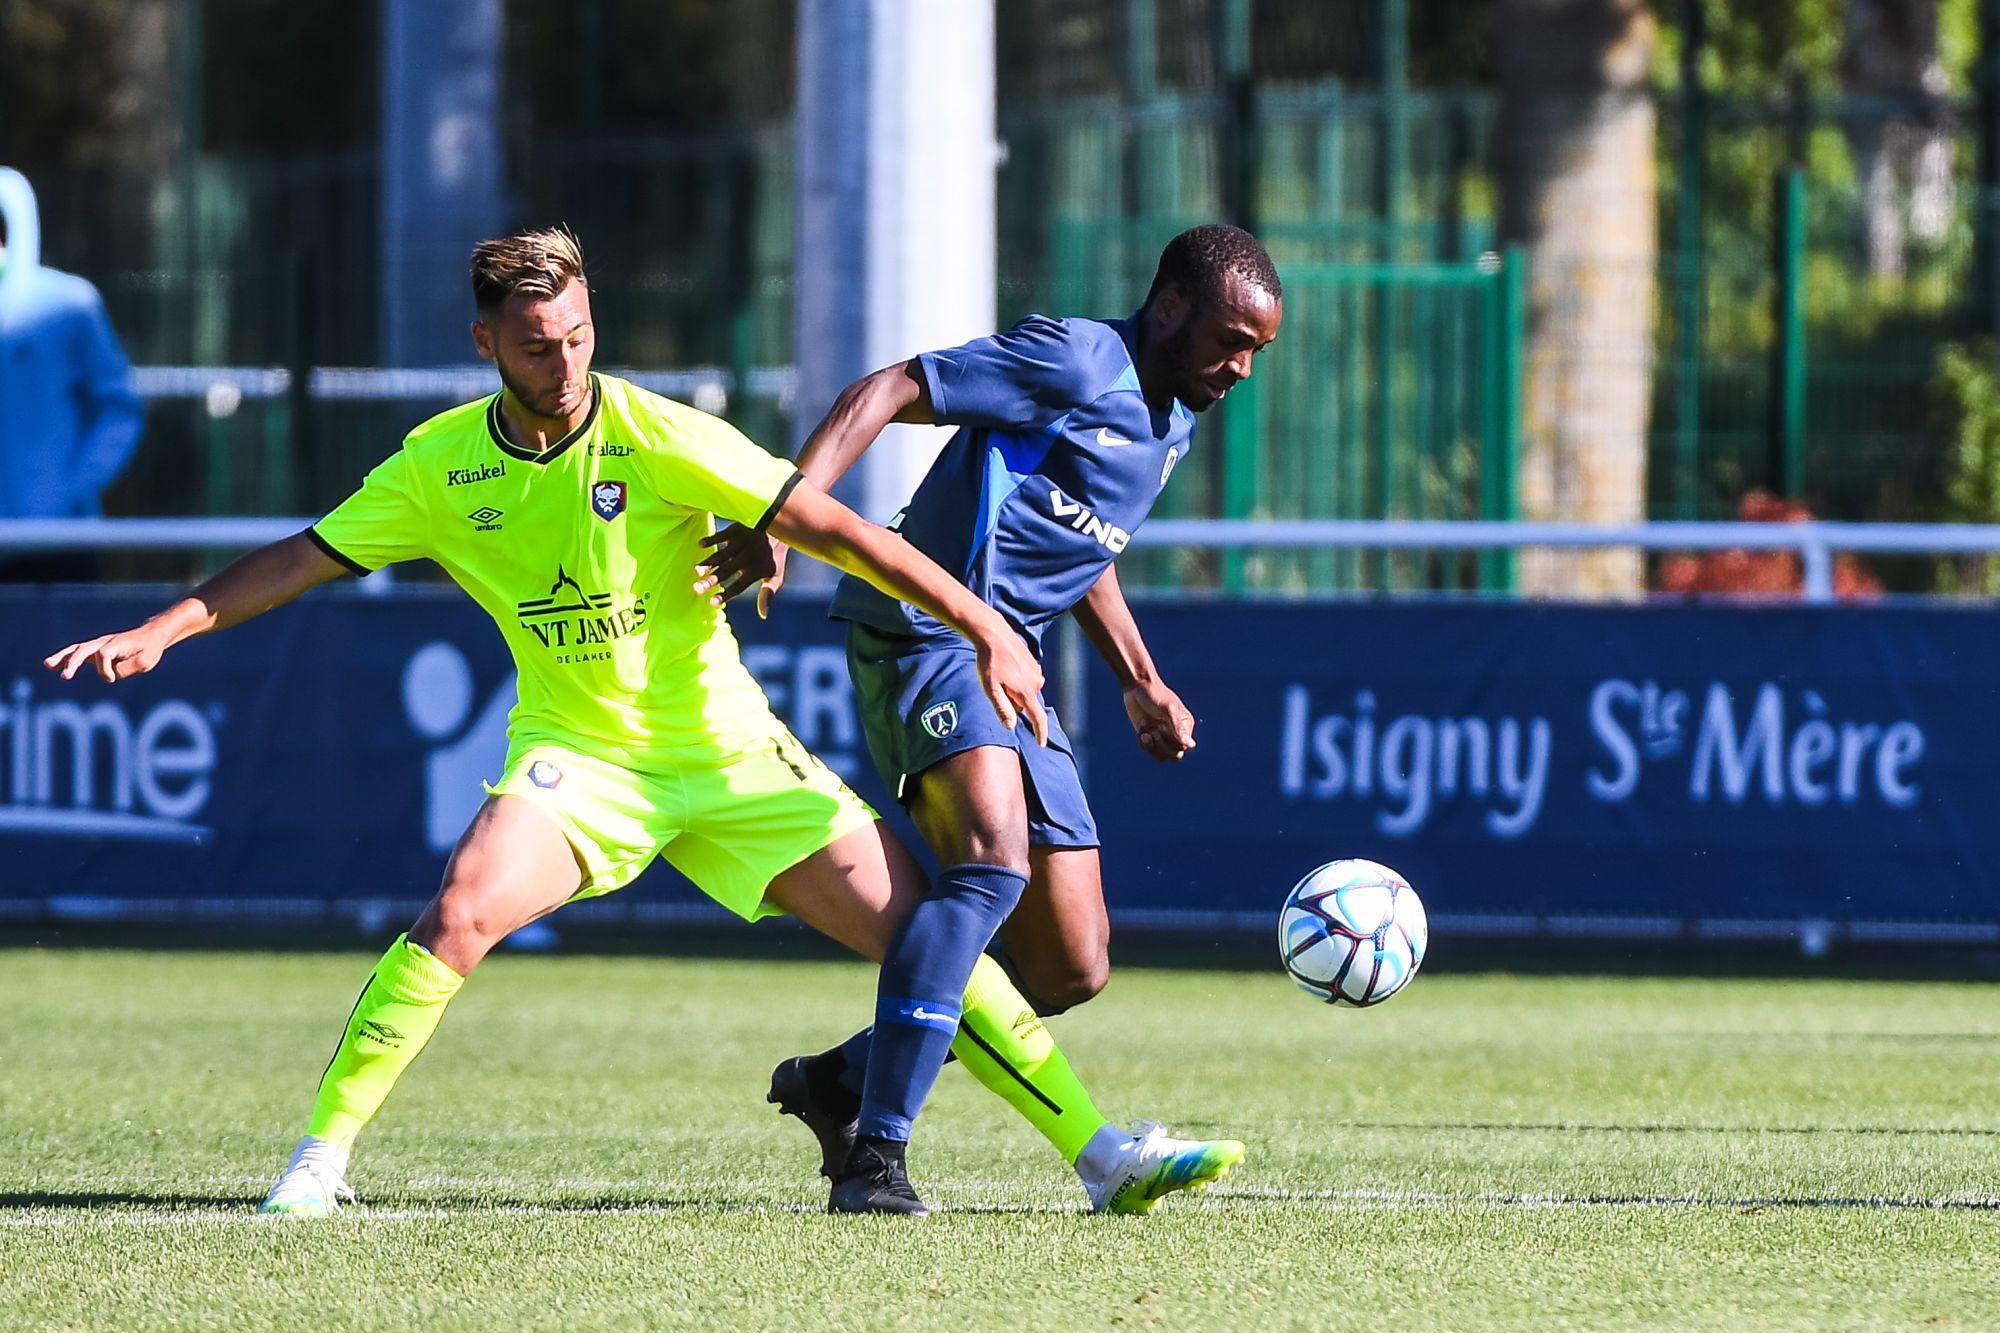 Azzedine Toufiqui prolonge son contrat d'une année supplémentaire